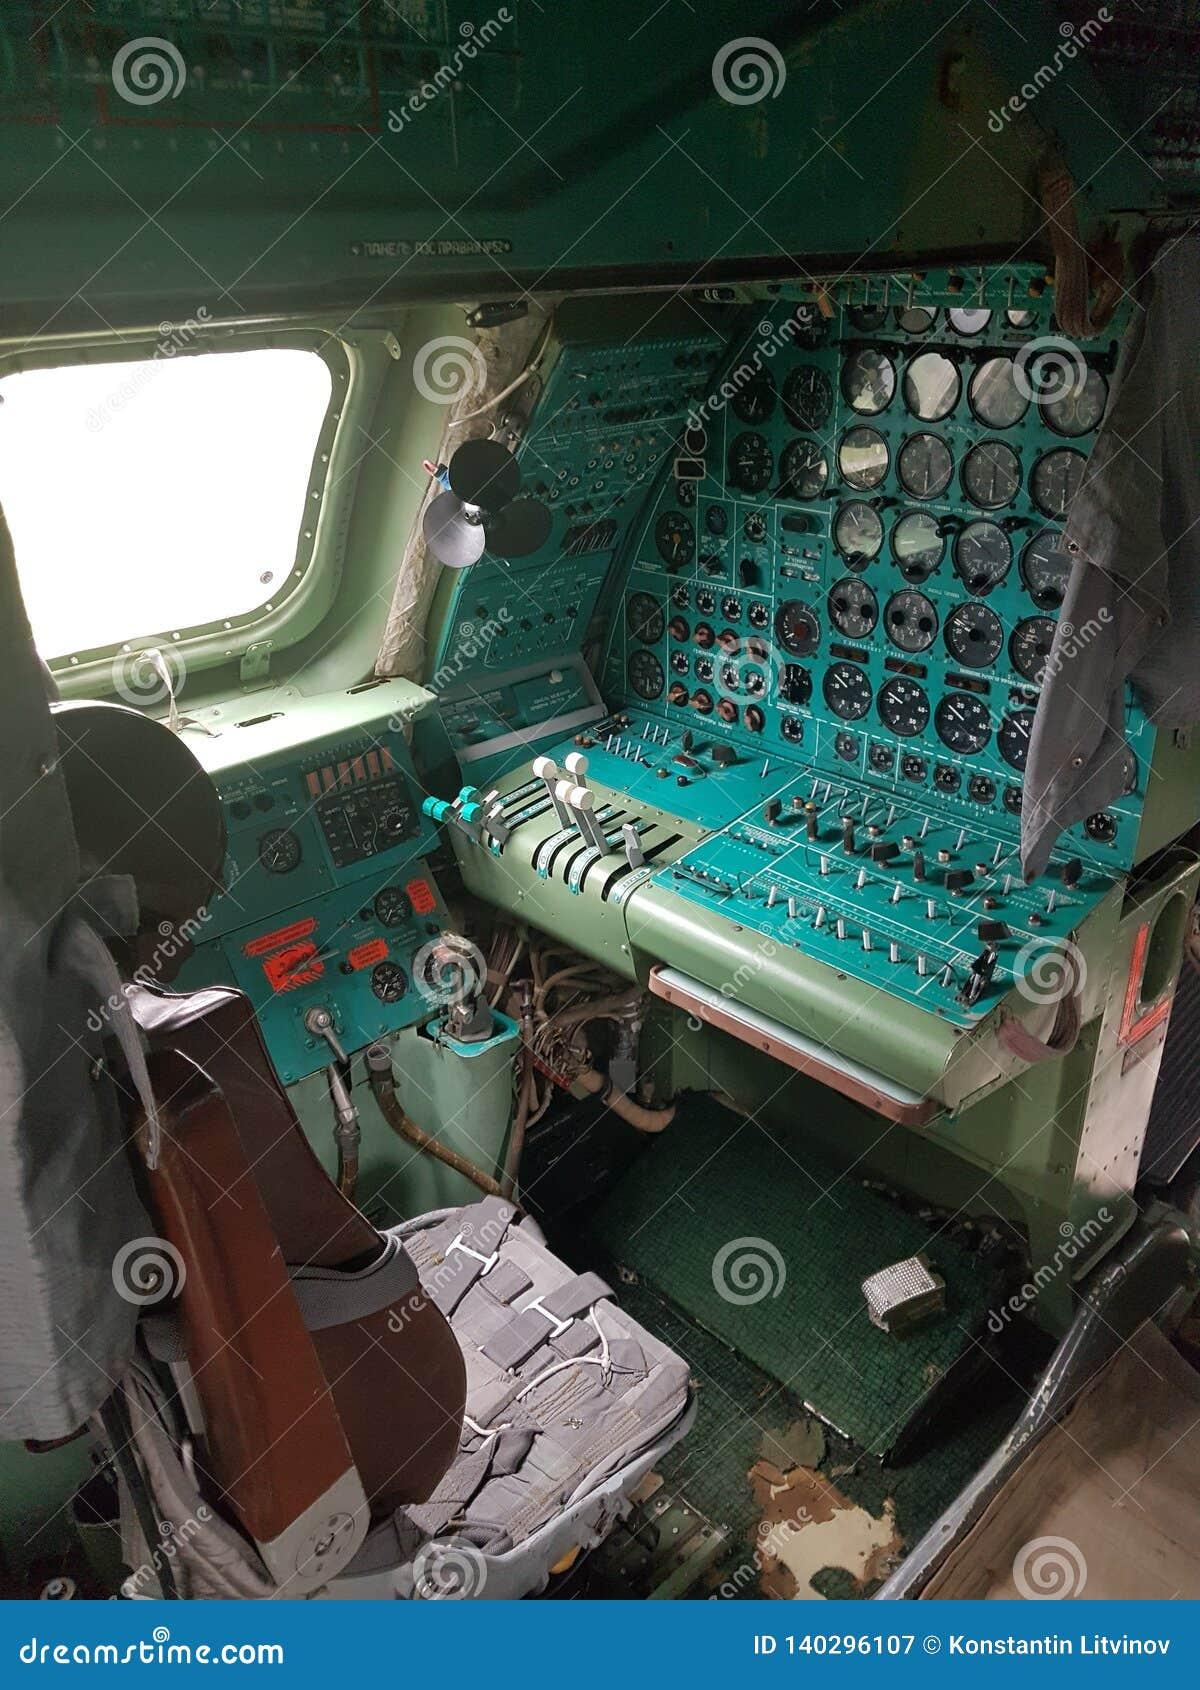 Monino, Rusland - 08 08 2018: De vliegtuigen van het cockpitgevecht van bombardirovshik